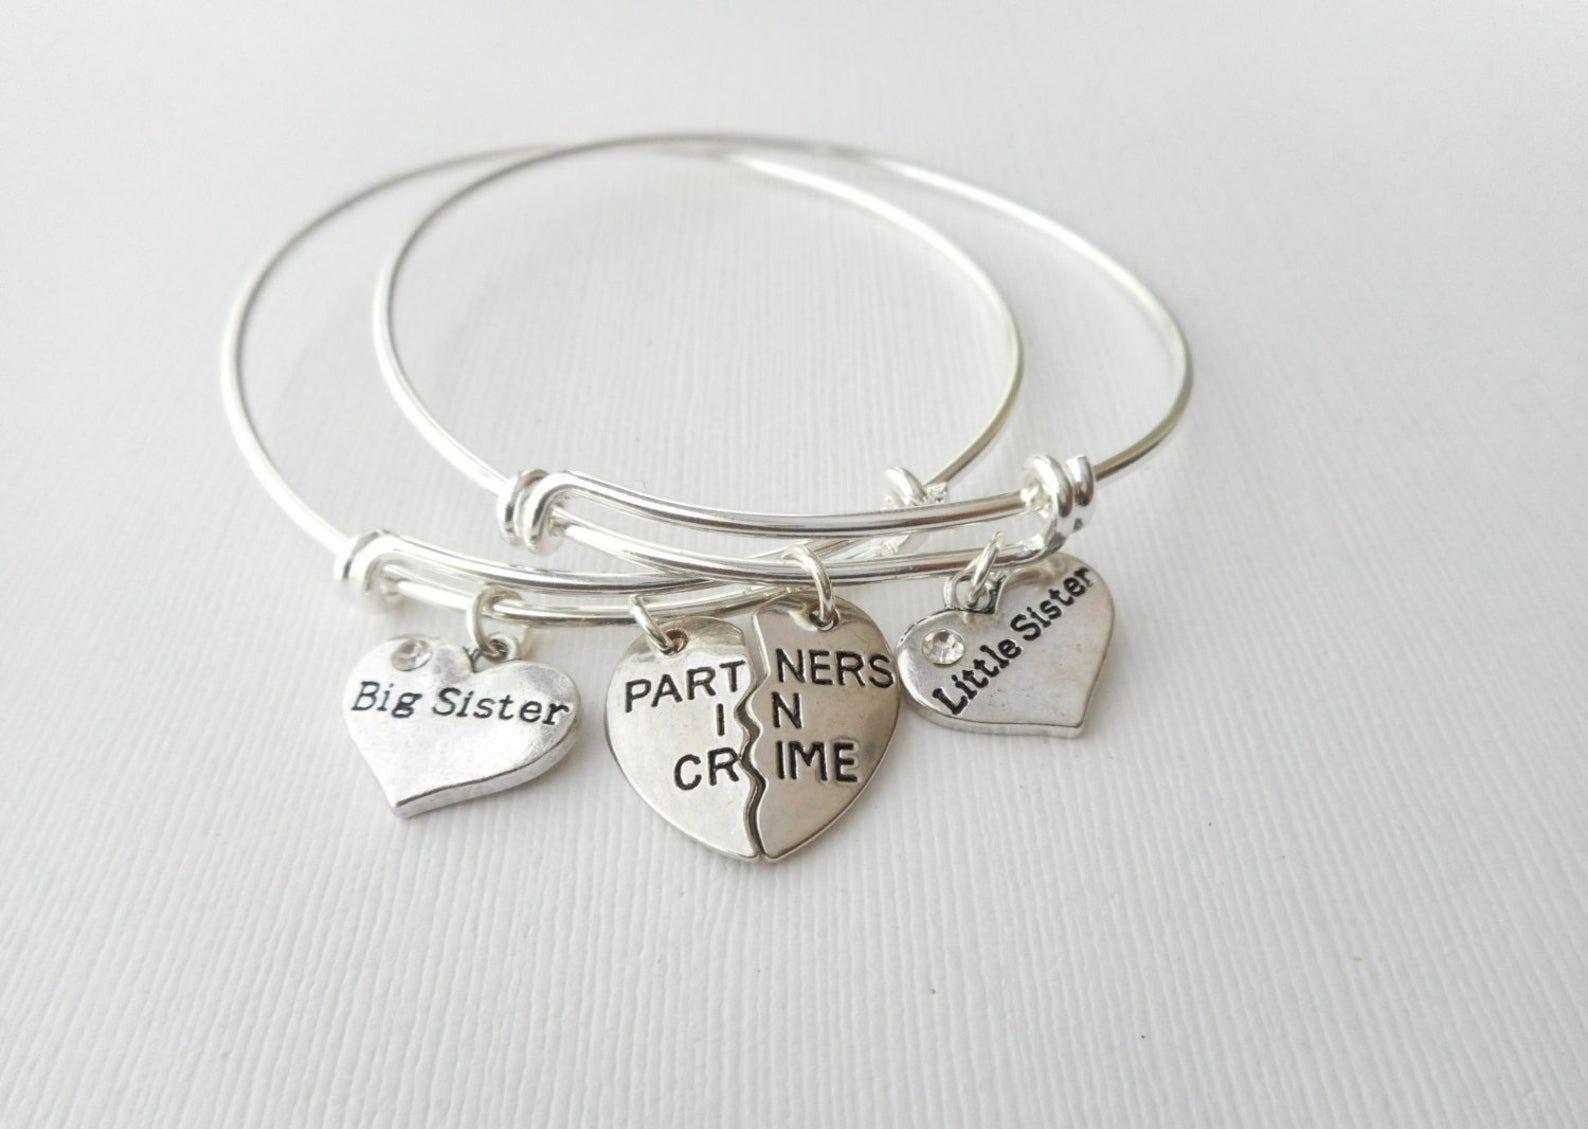 2 Partners in Crime Big Sister Little Sister Best Friend Bracelets Bff Jewelry friendship jewel